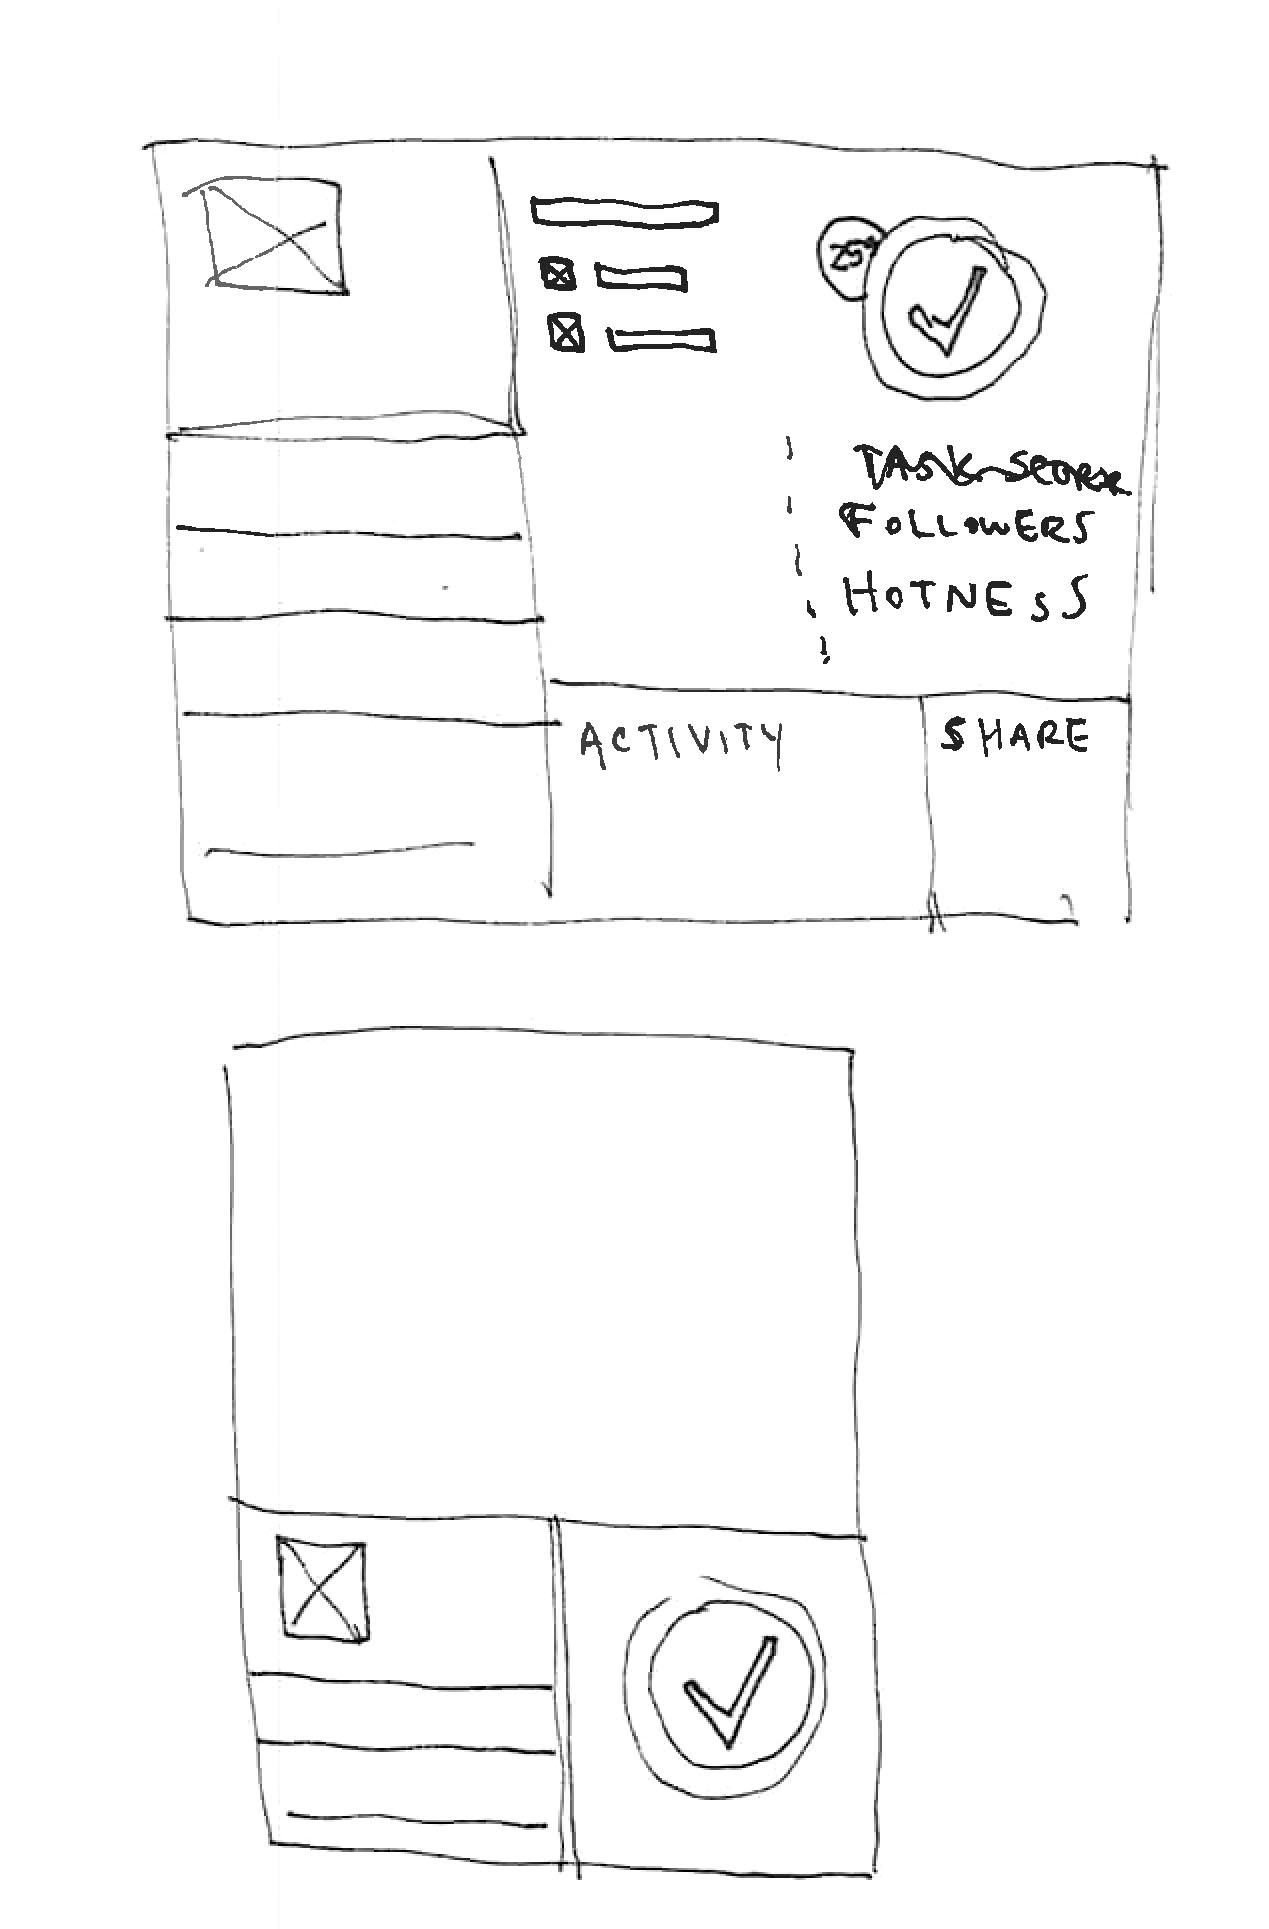 TaskPane_hotness.jpg